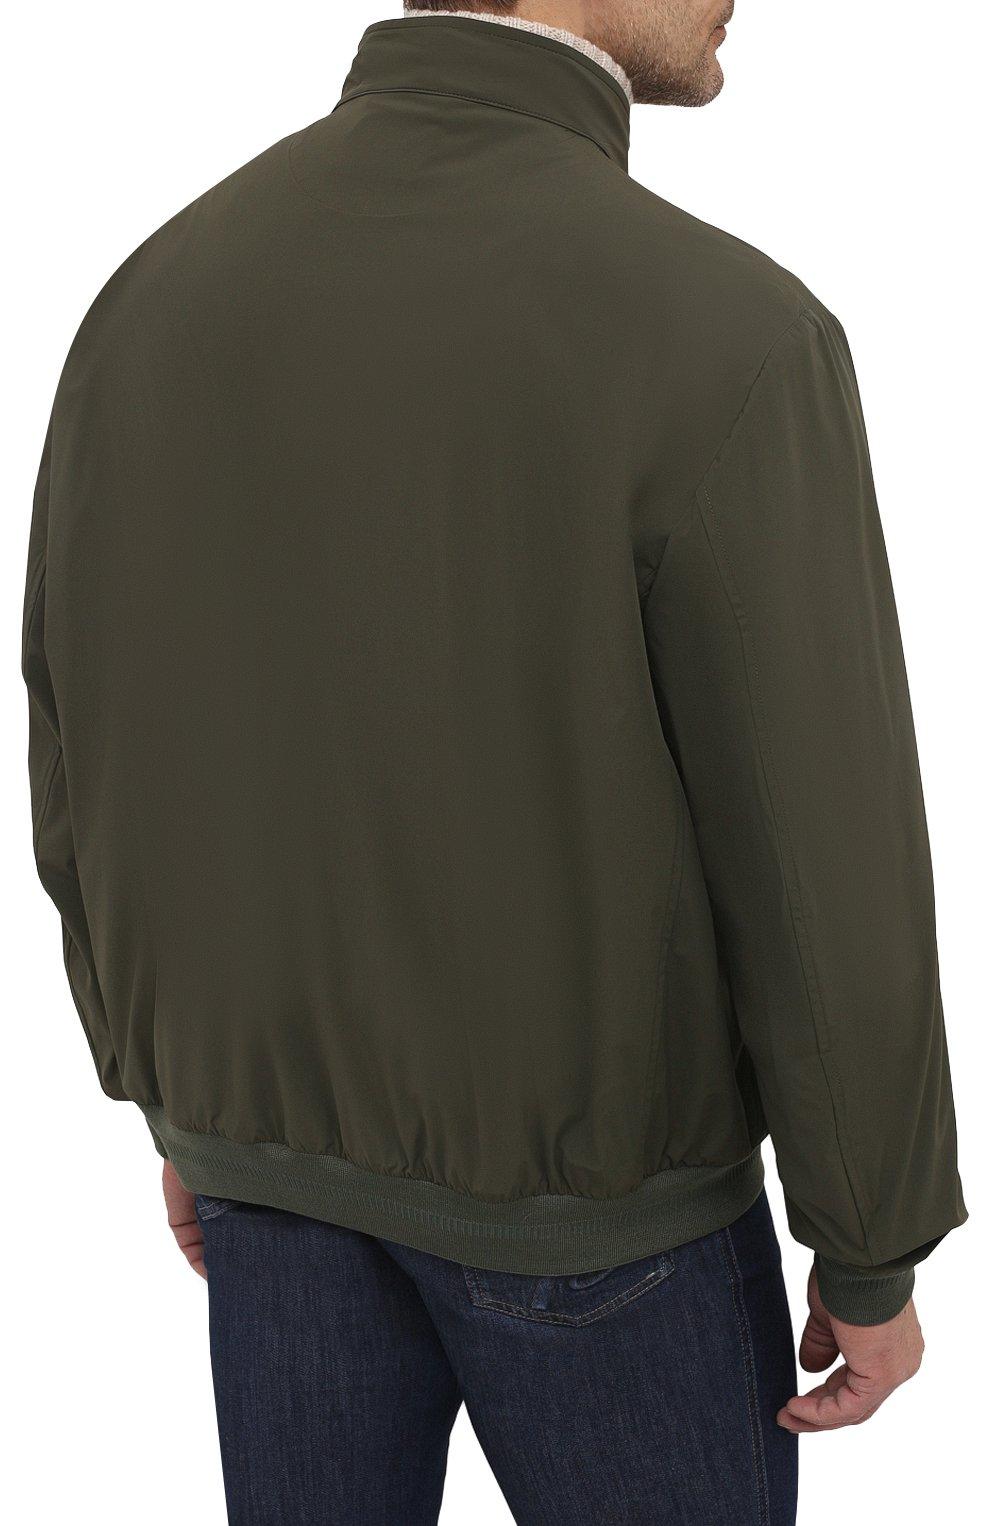 Мужской бомбер KIRED хаки цвета, арт. WMAXW6905002009/64-74   Фото 4 (Кросс-КТ: Куртка; Big sizes: Big Sizes; Рукава: Длинные; Принт: Без принта; Материал внешний: Синтетический материал; Длина (верхняя одежда): Короткие; Стили: Кэжуэл)